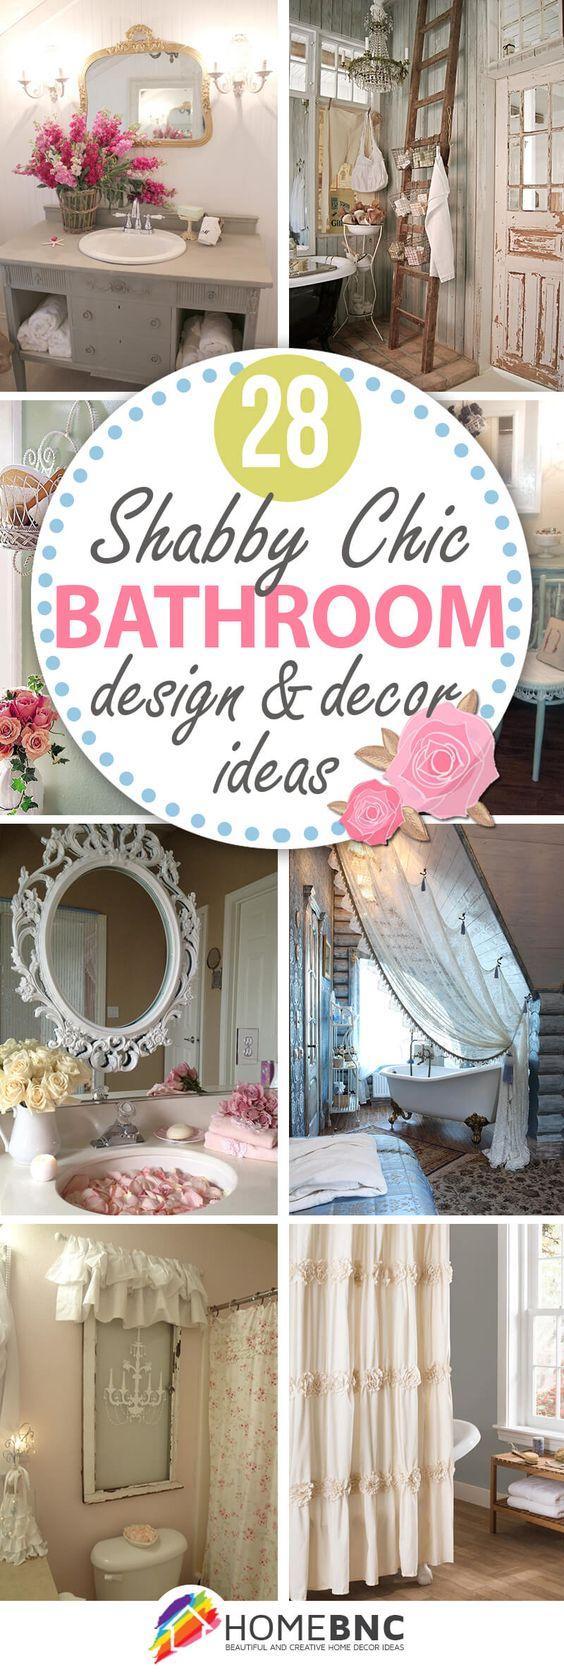 Beautiful Shabby Chic Interior Room